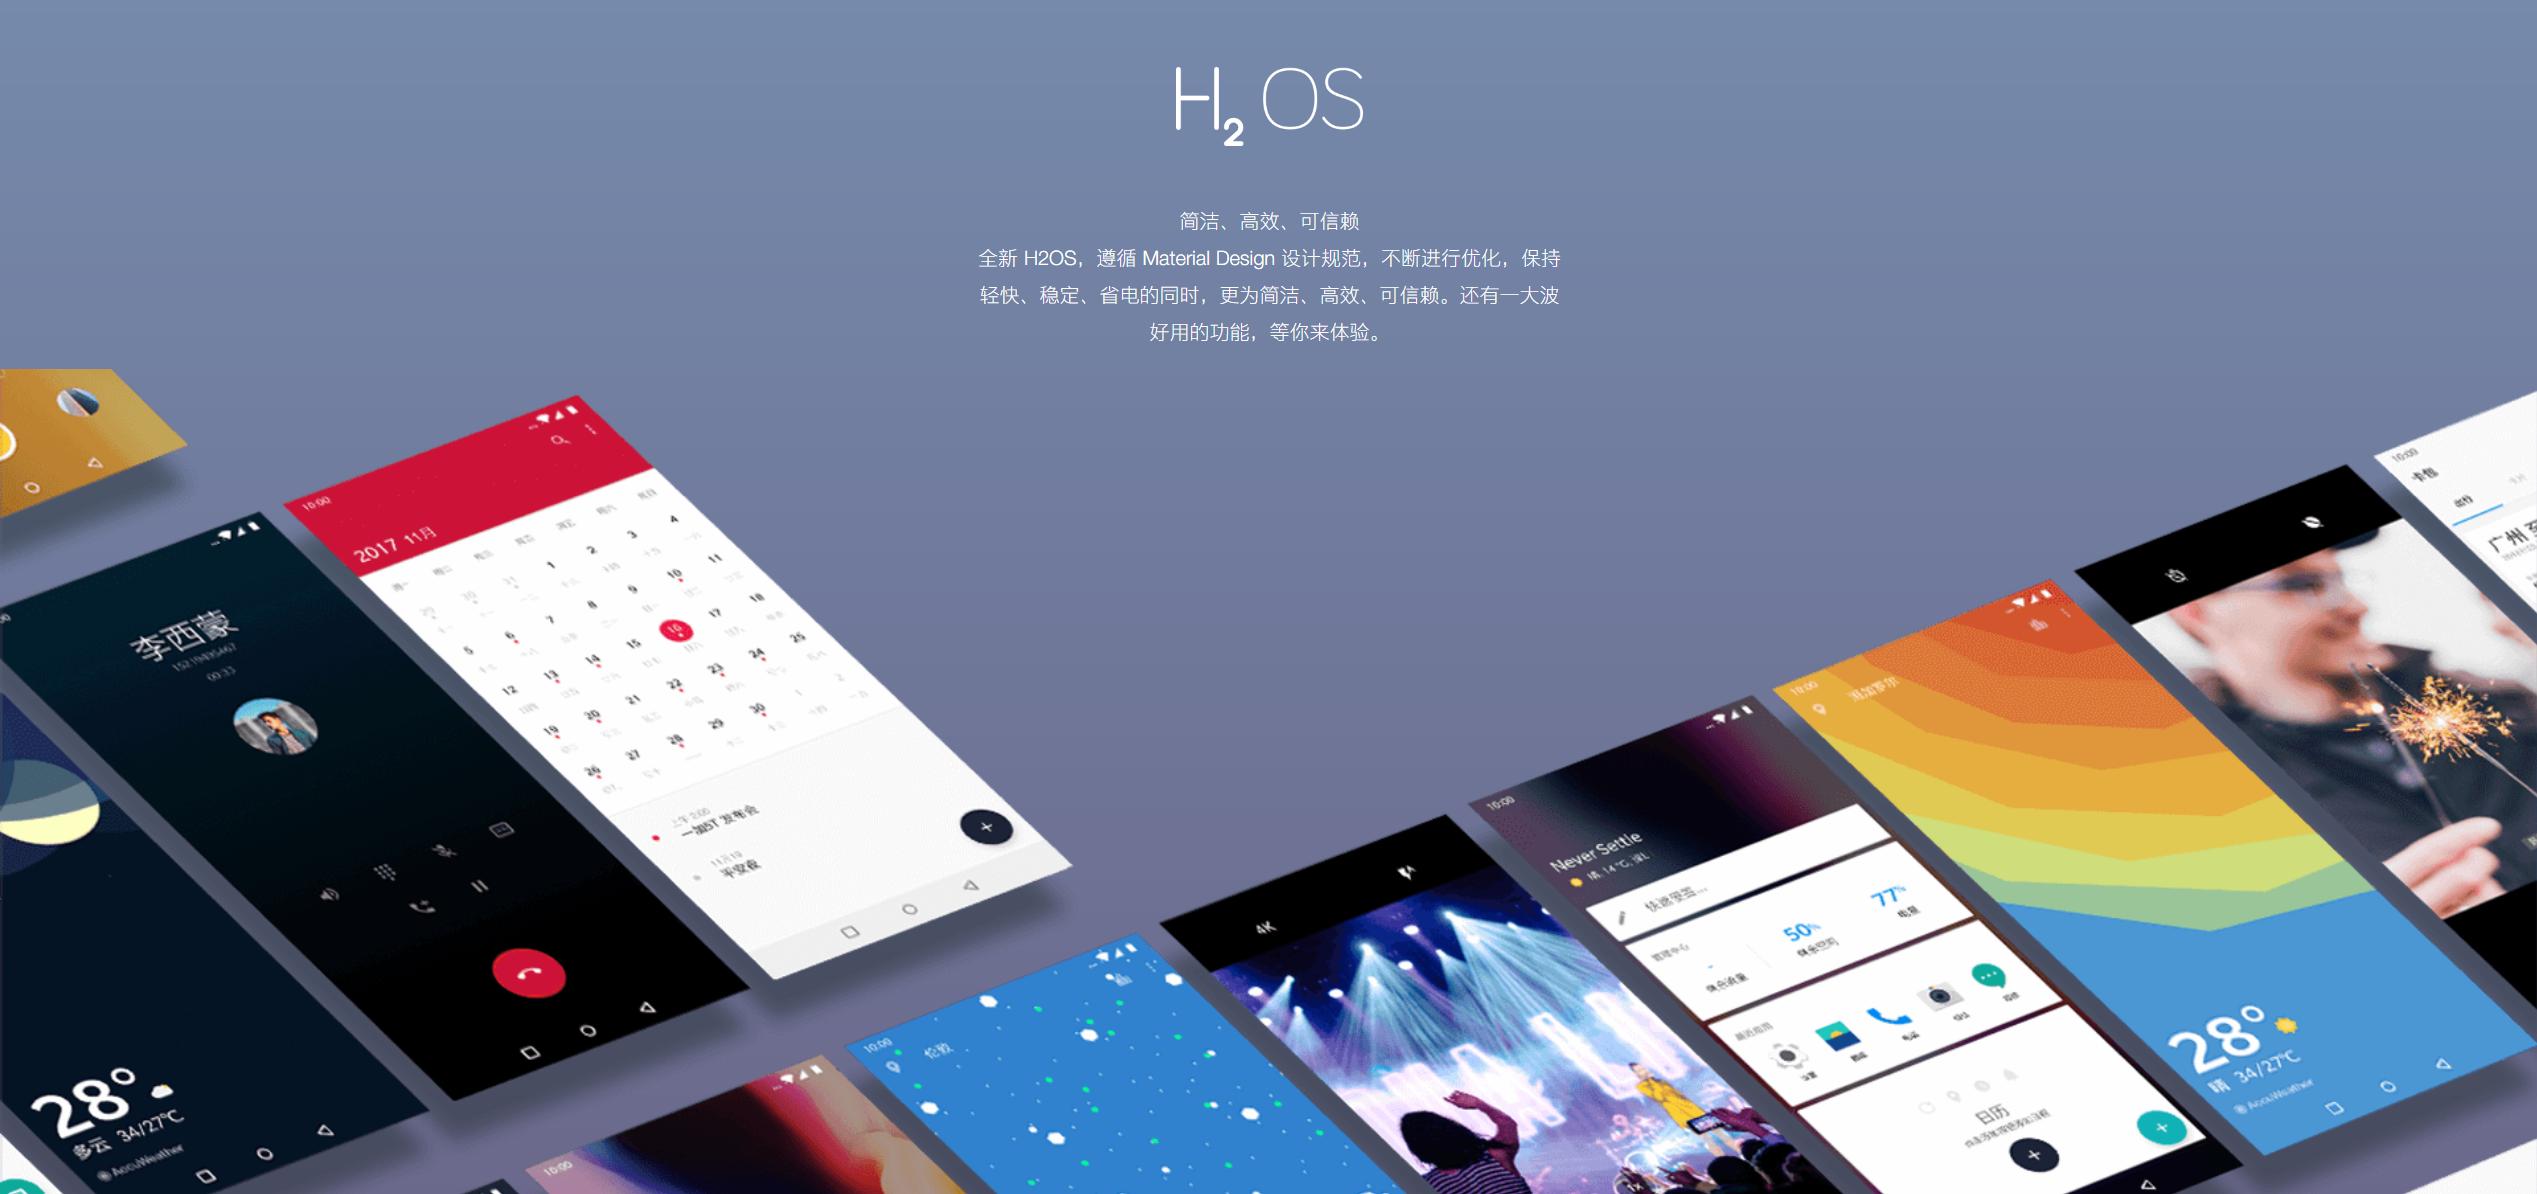 盘点最好用的安卓UI,给它们分个类,看看你最适合用哪款?